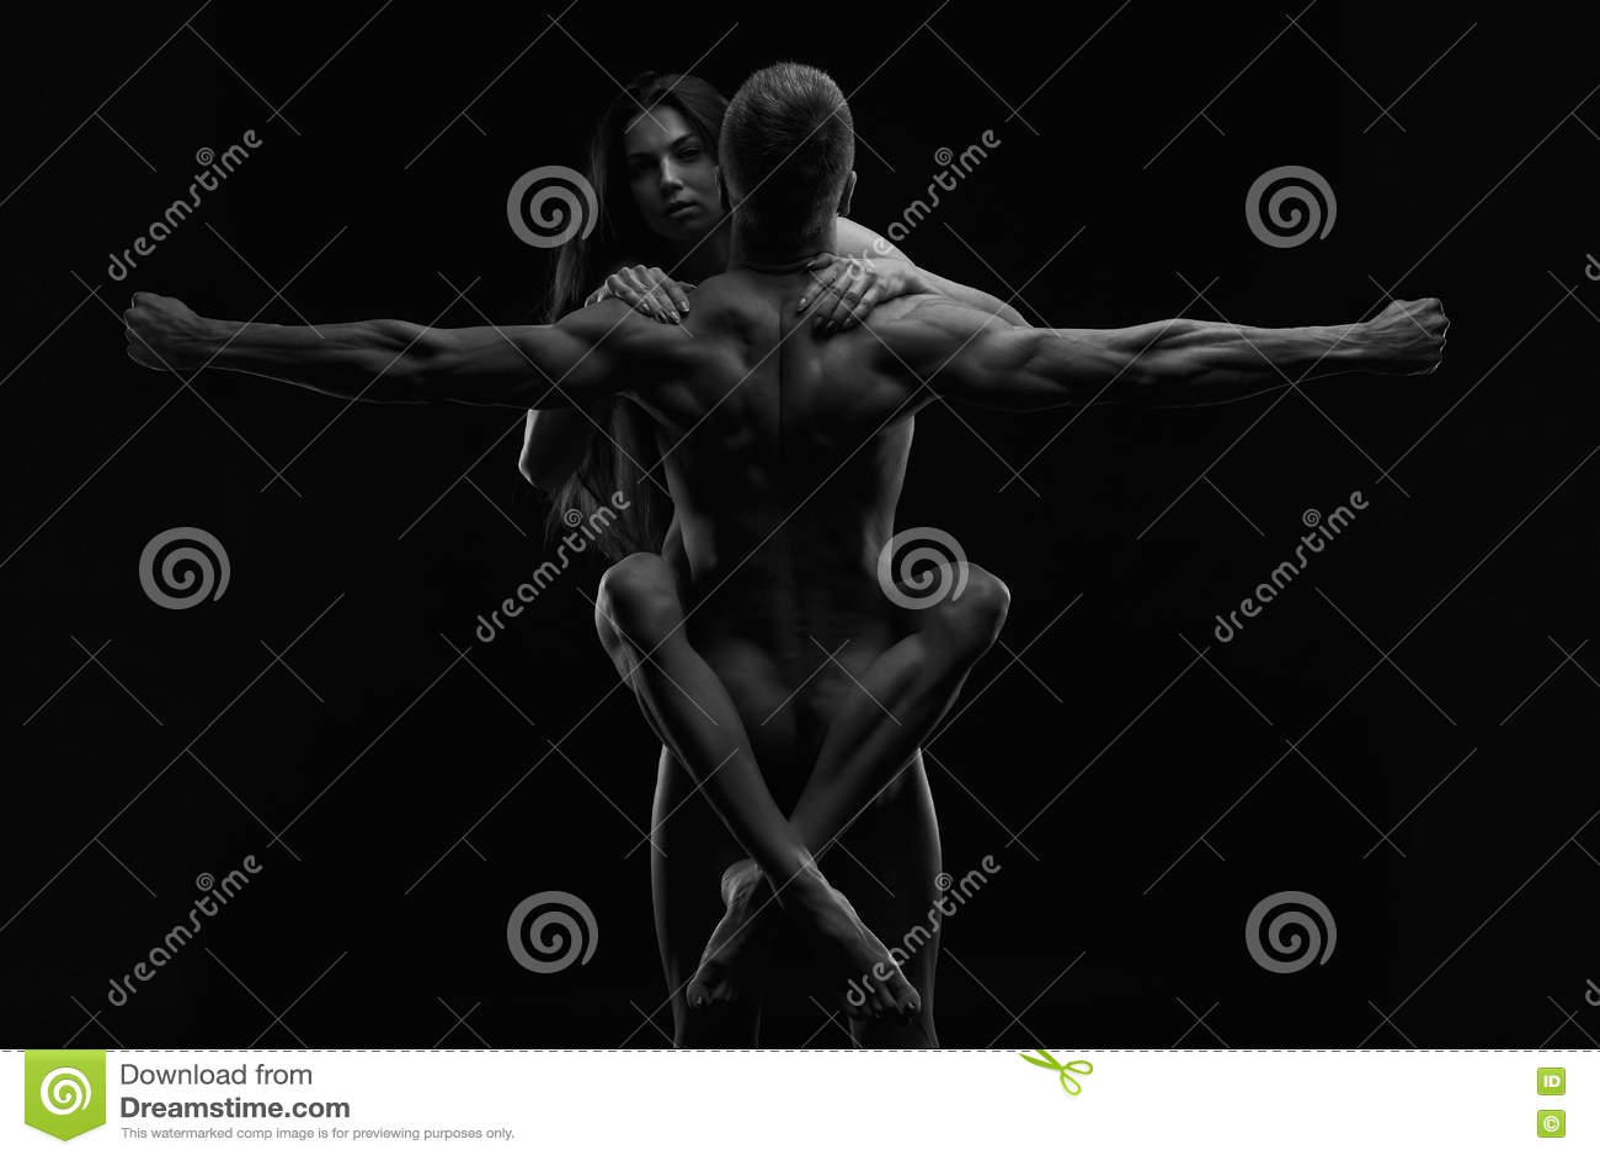 Photos d'hommes nus noirs